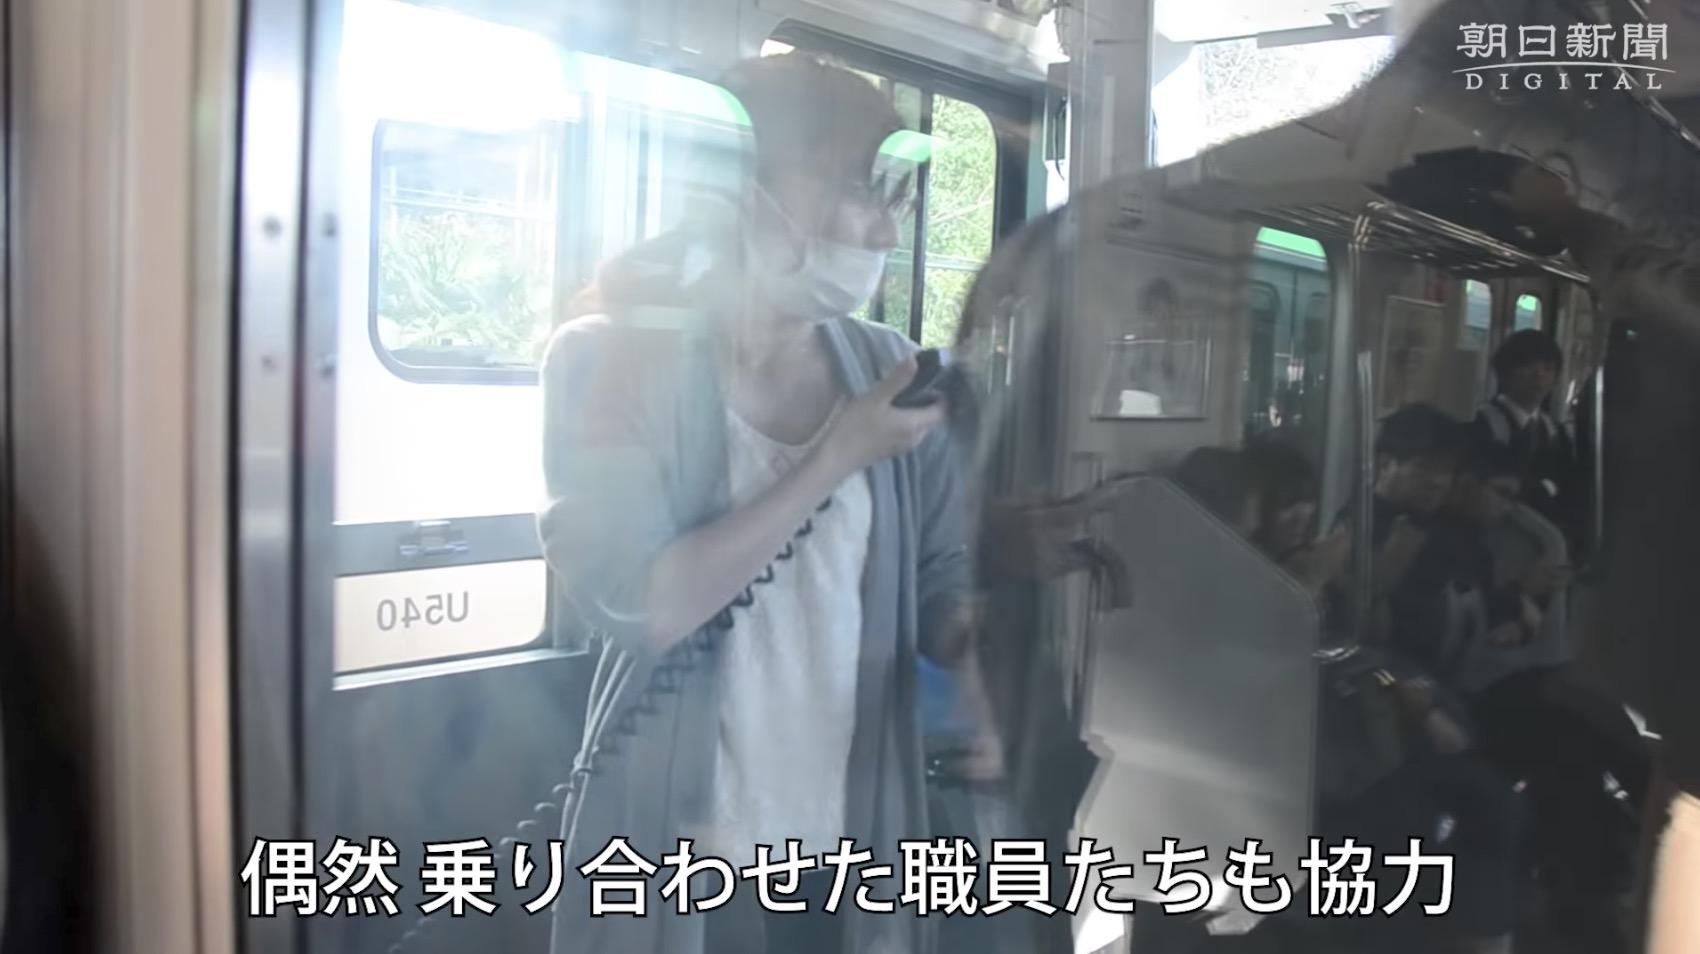 立ち往生した宇都宮線で、偶然車内にいた新聞記者が、JR職員の素晴らしい姿を撮影する!